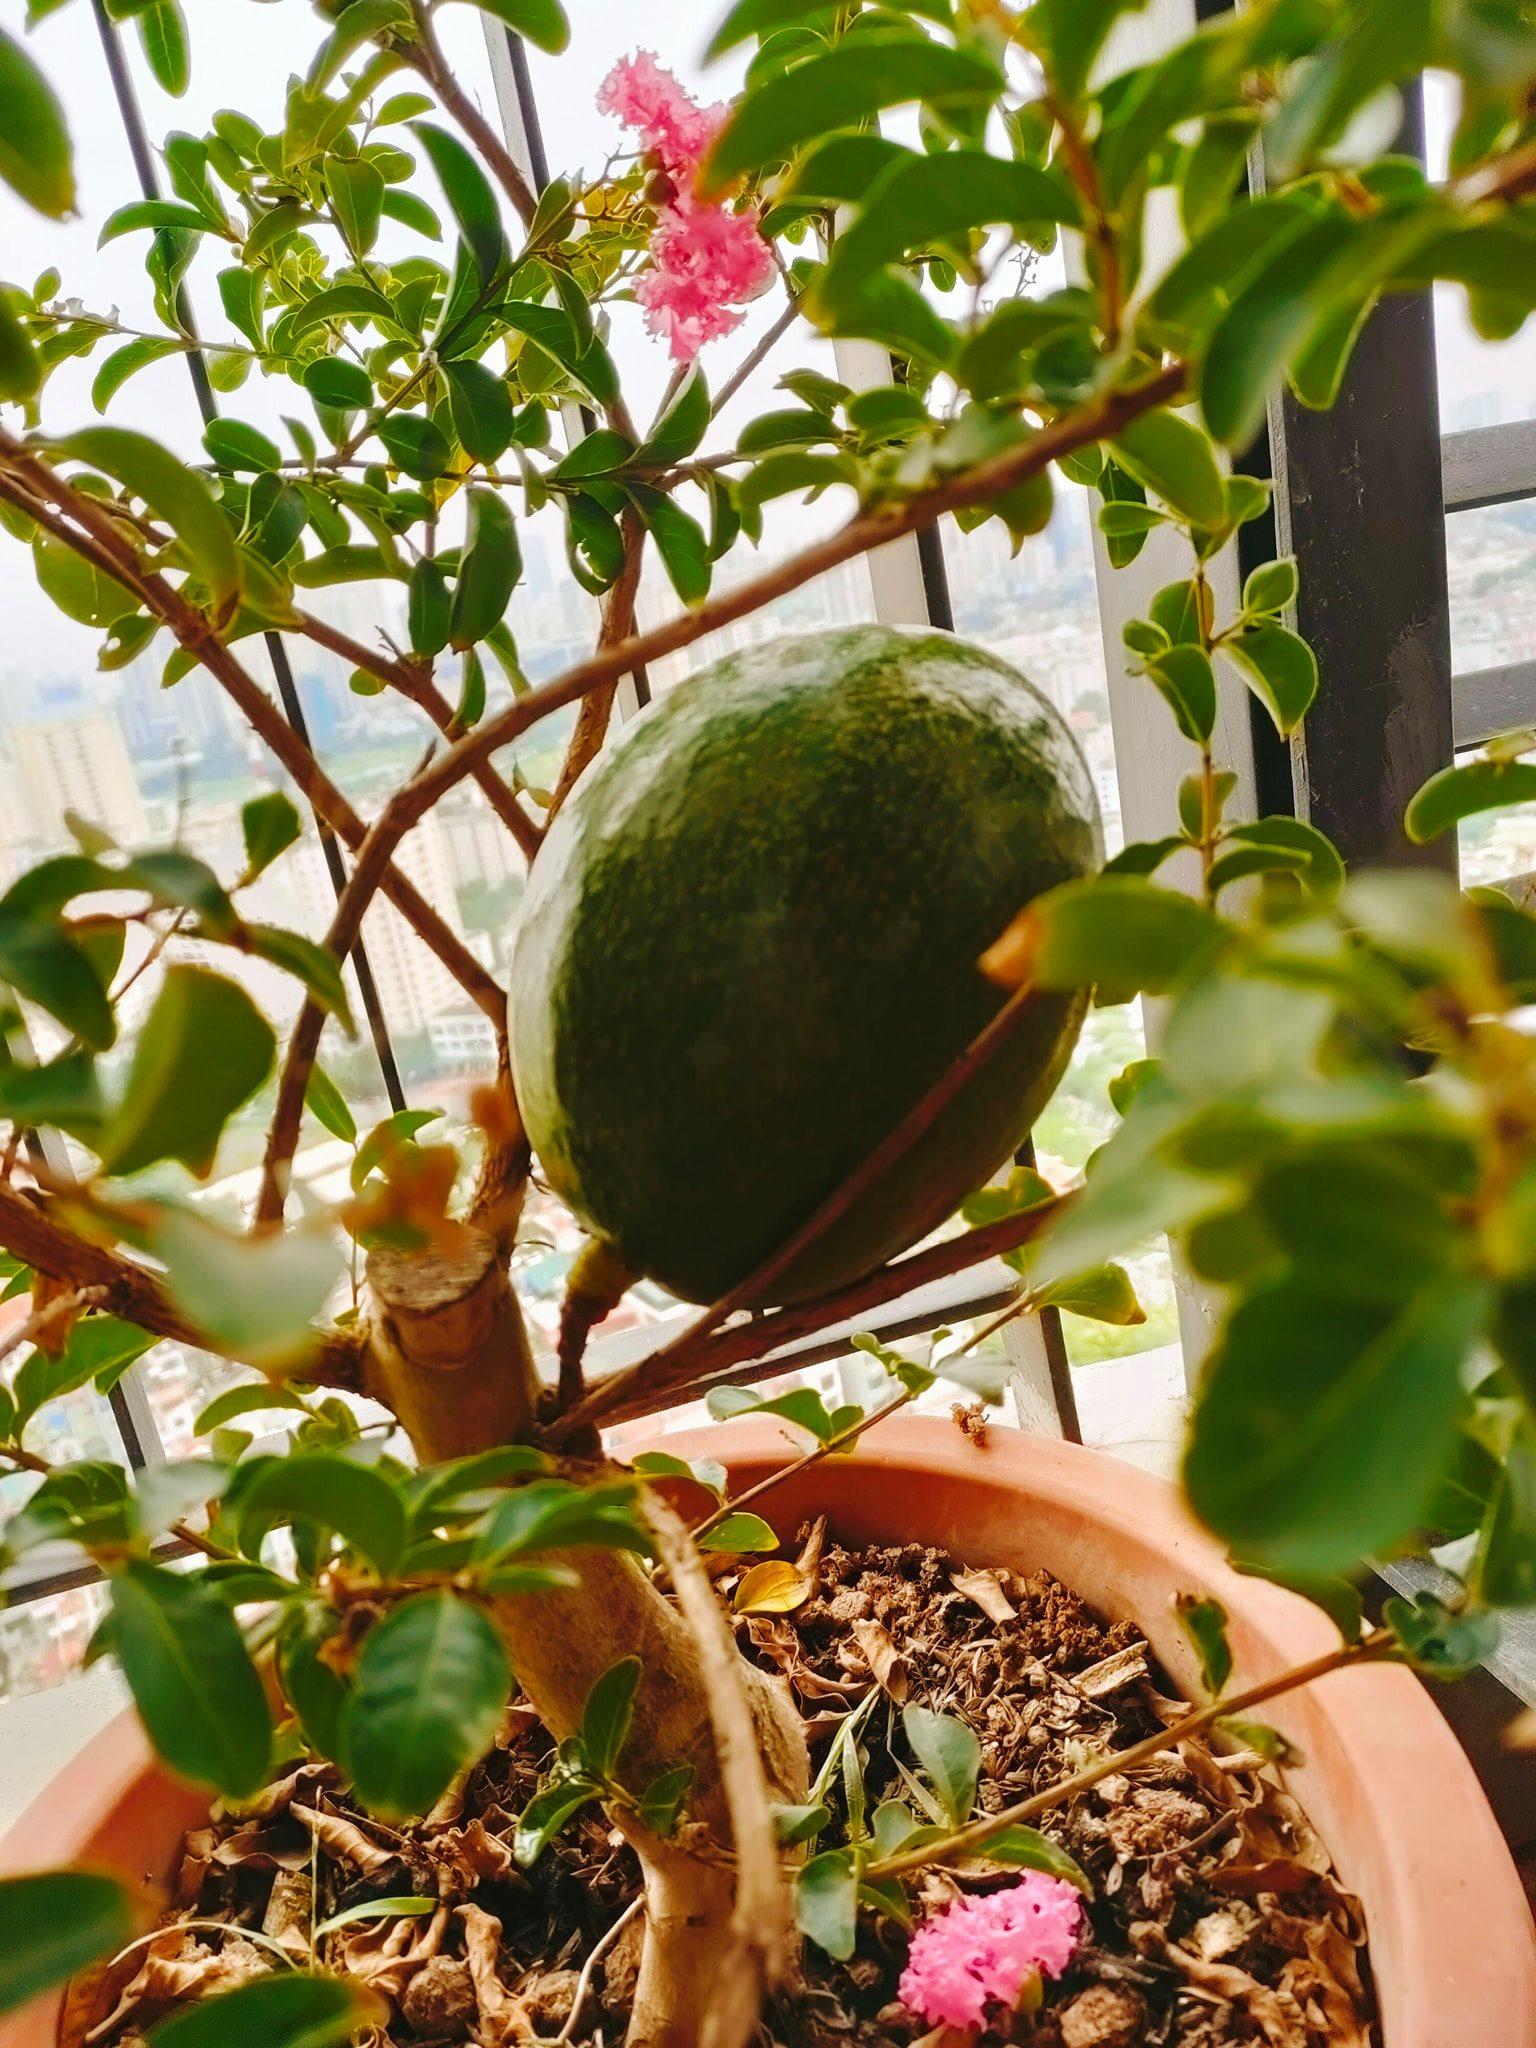 Khoe vườn cây trái trĩu quả trồng được trên chung cư, cô gái khiến dân mạng cười sang chấn tâm lý vì một lý do - Ảnh 4.